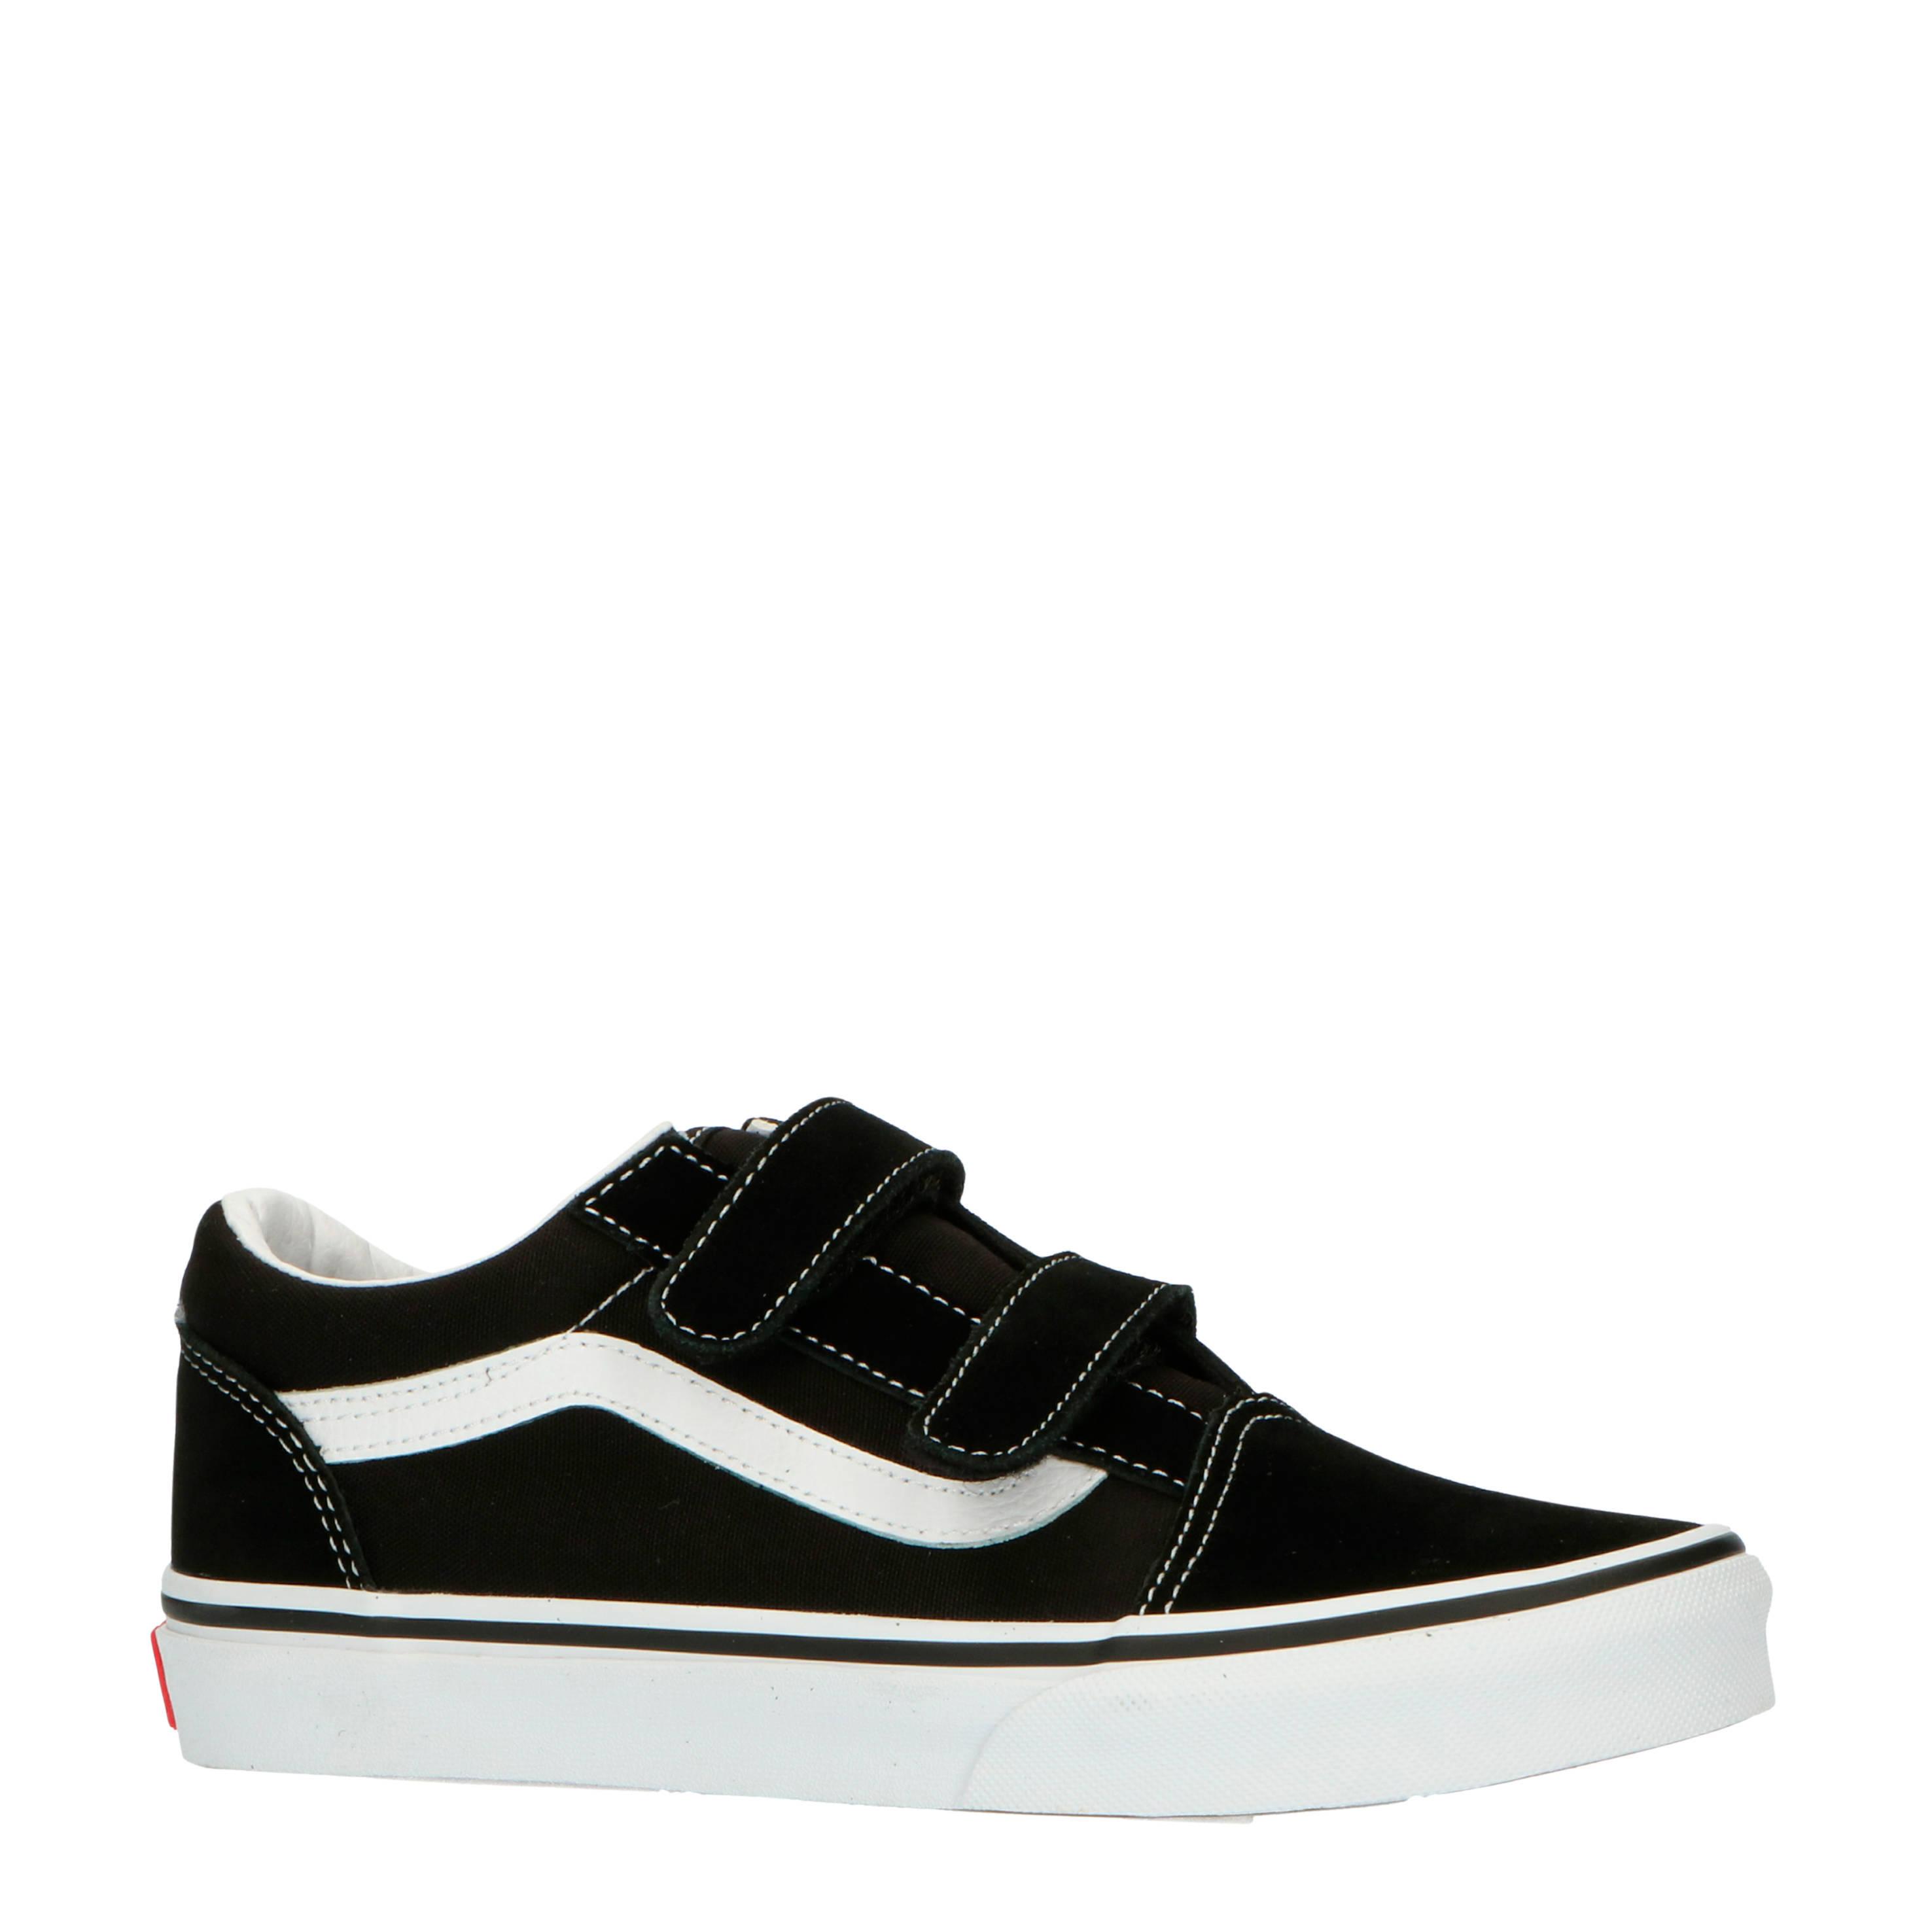 VANS Old Skool V sneakers zwart/wit | wehkamp